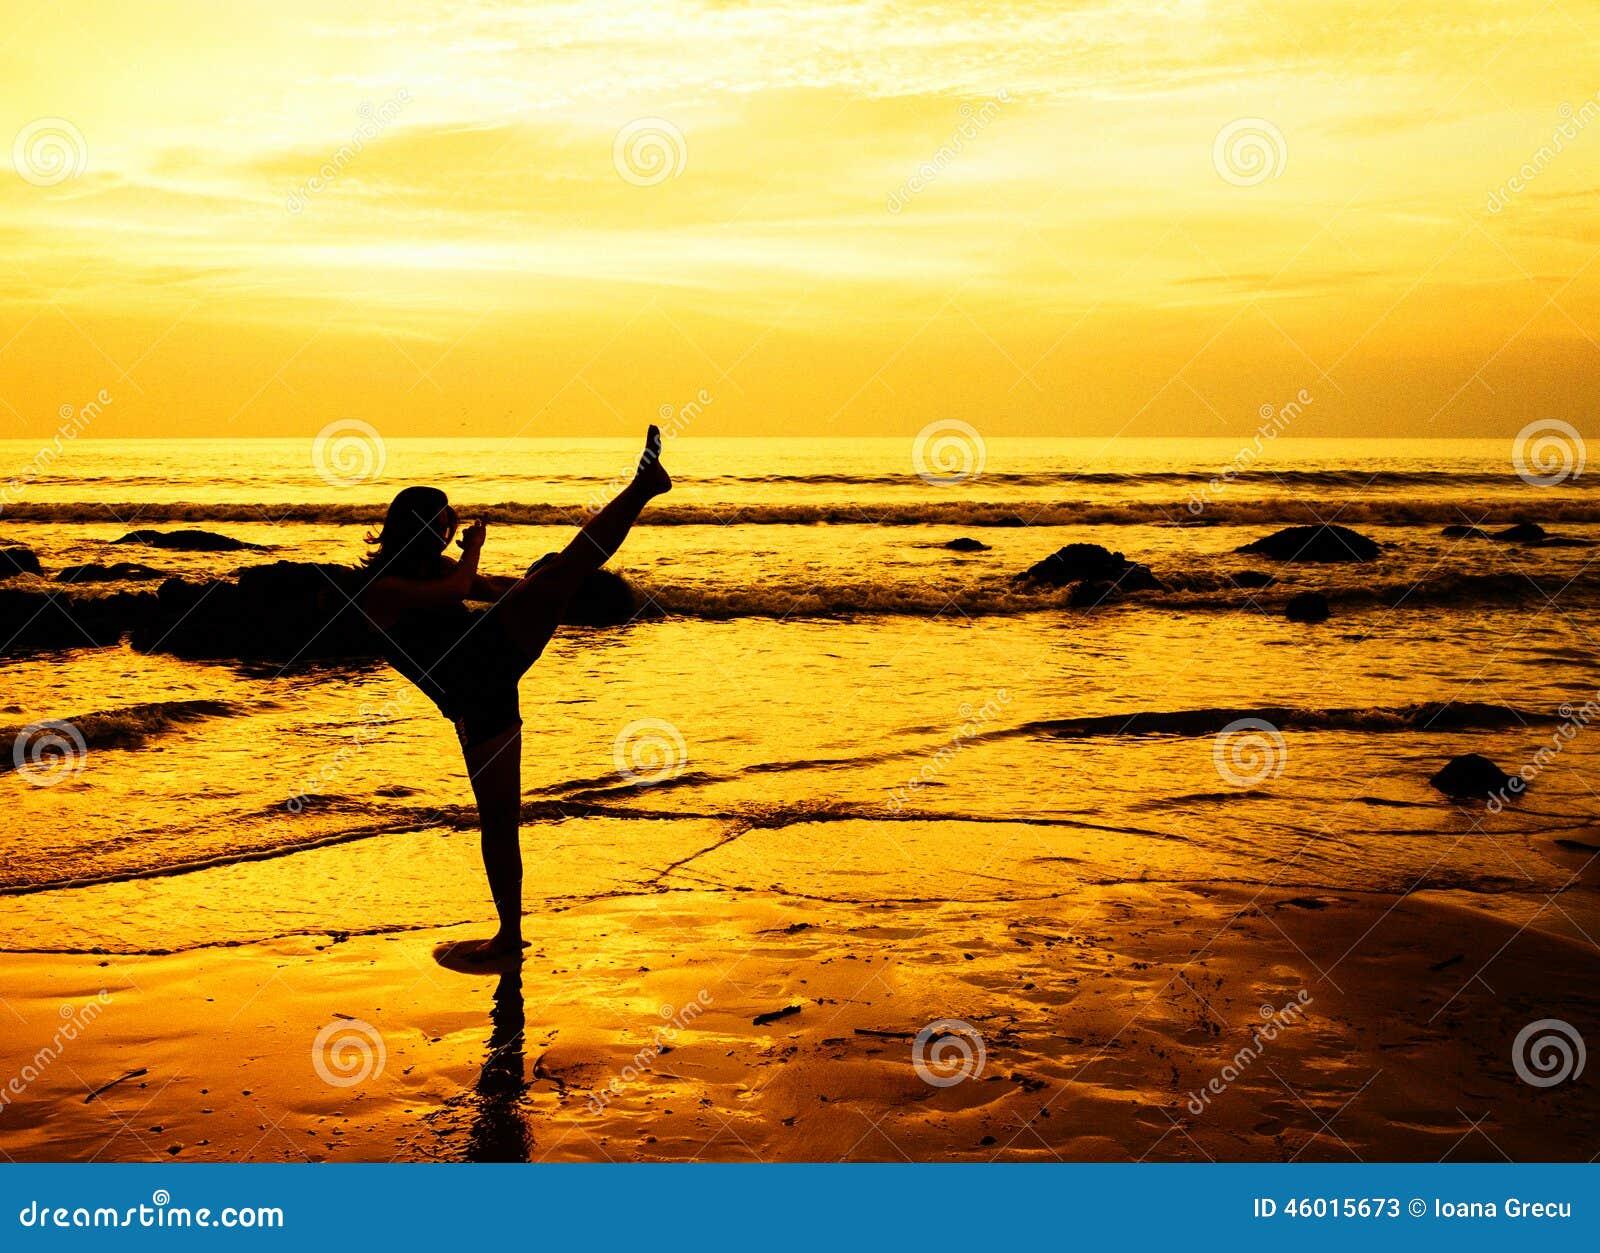 Femme d 39 arts martiaux sur la plage image stock image for Art martiaux